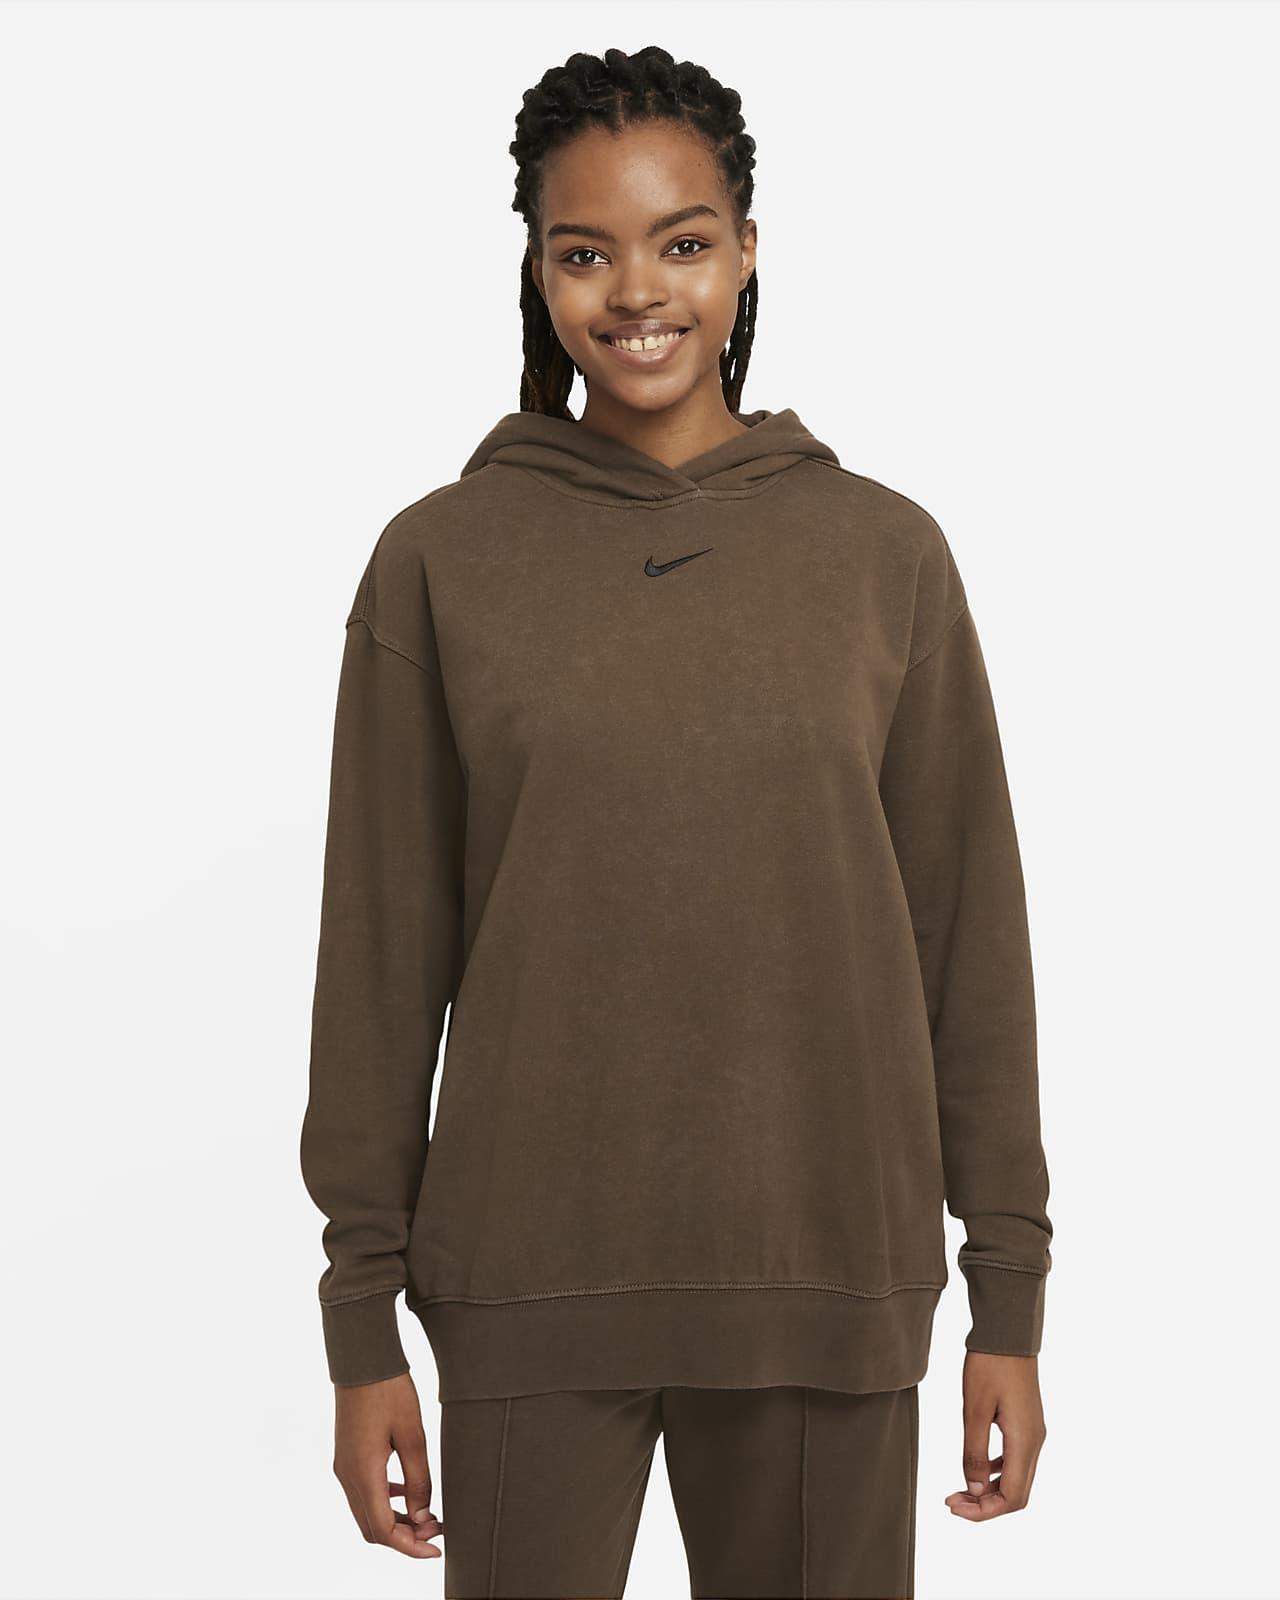 Hoodie de lã cardada com efeito lavado Nike Sportswear Essential Collection para mulher